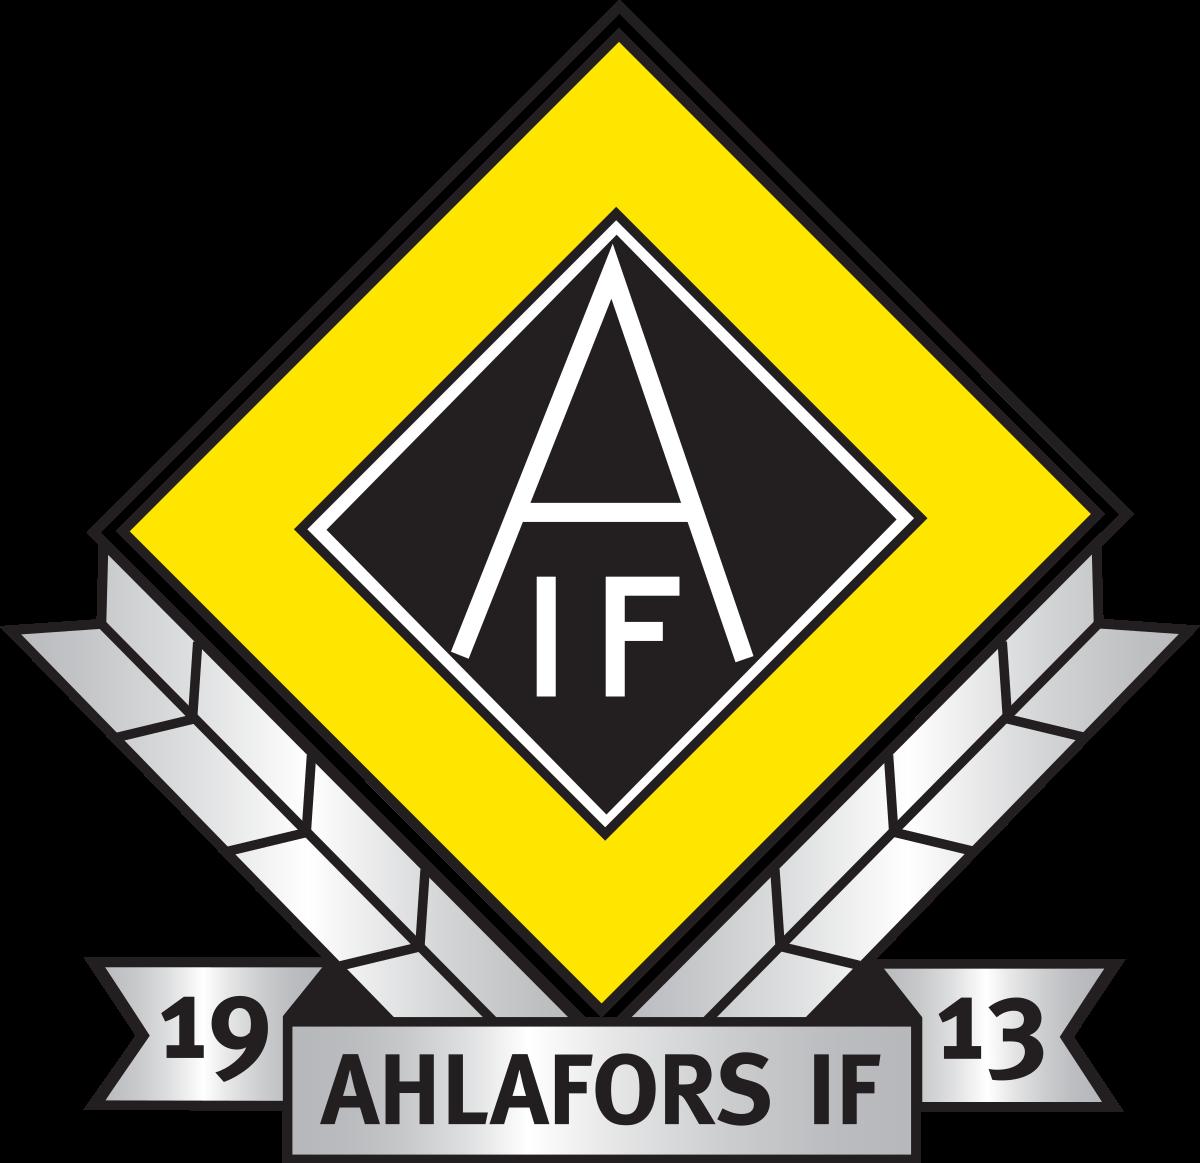 Ahlafors logo